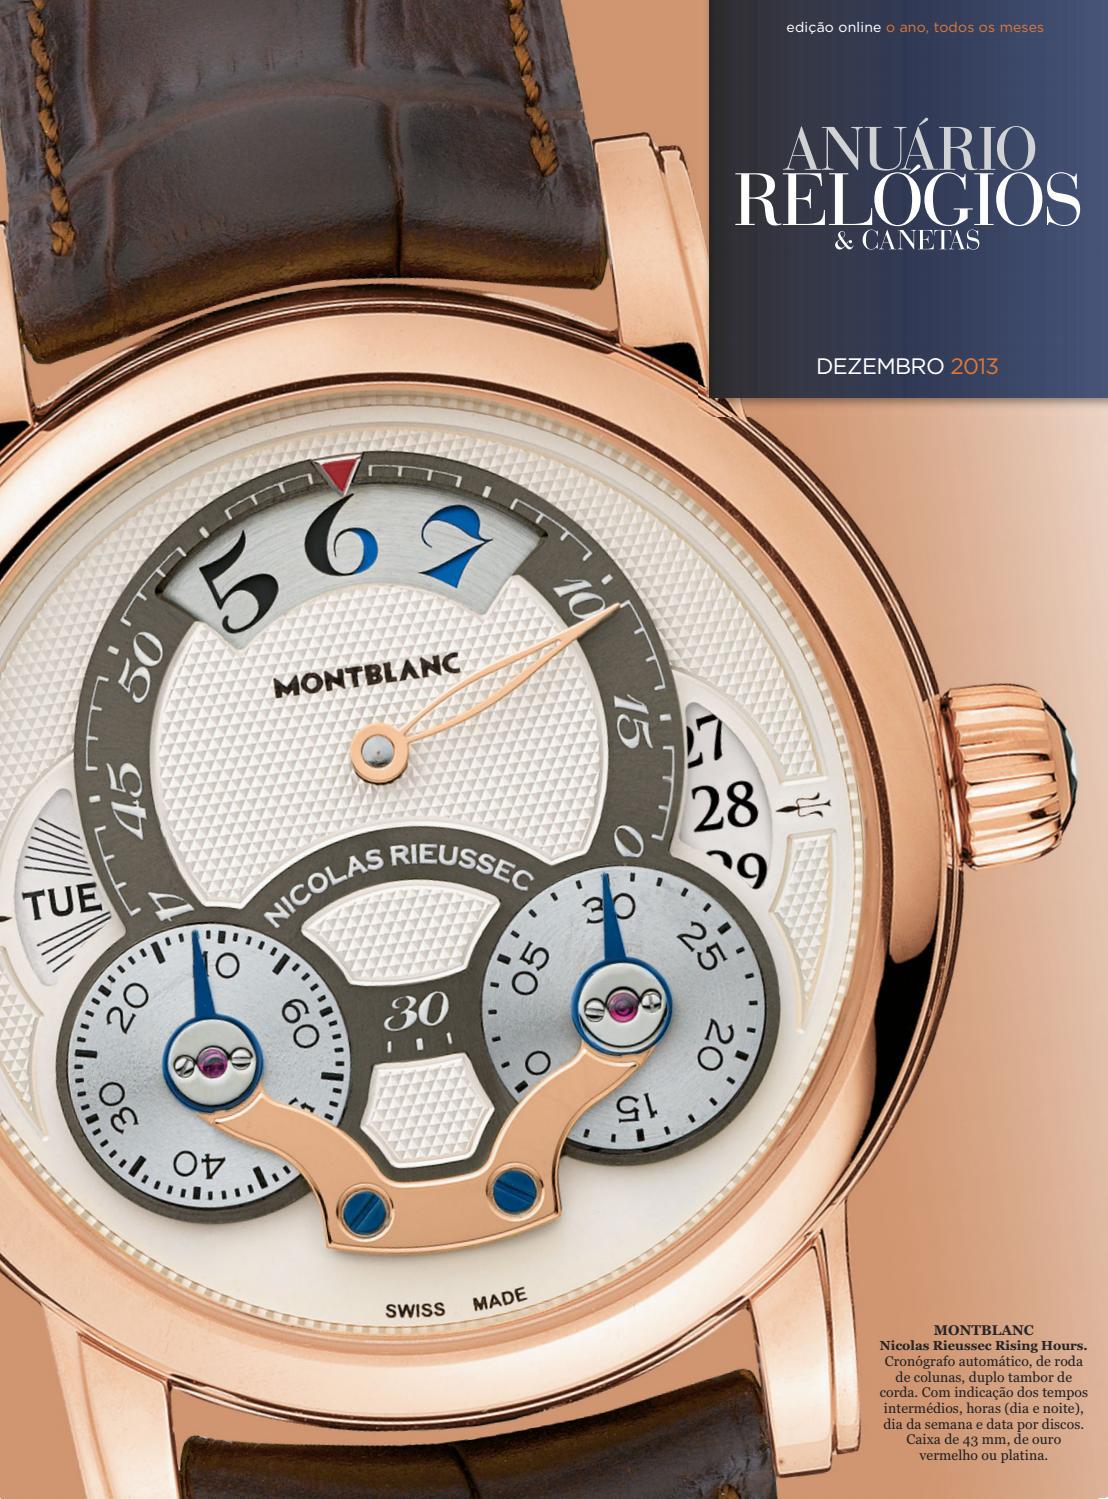 6af16a3d22e Anuário Relógios   Canetas - Dezembro 2013 by Anuário Relógios   Canetas -  issuu